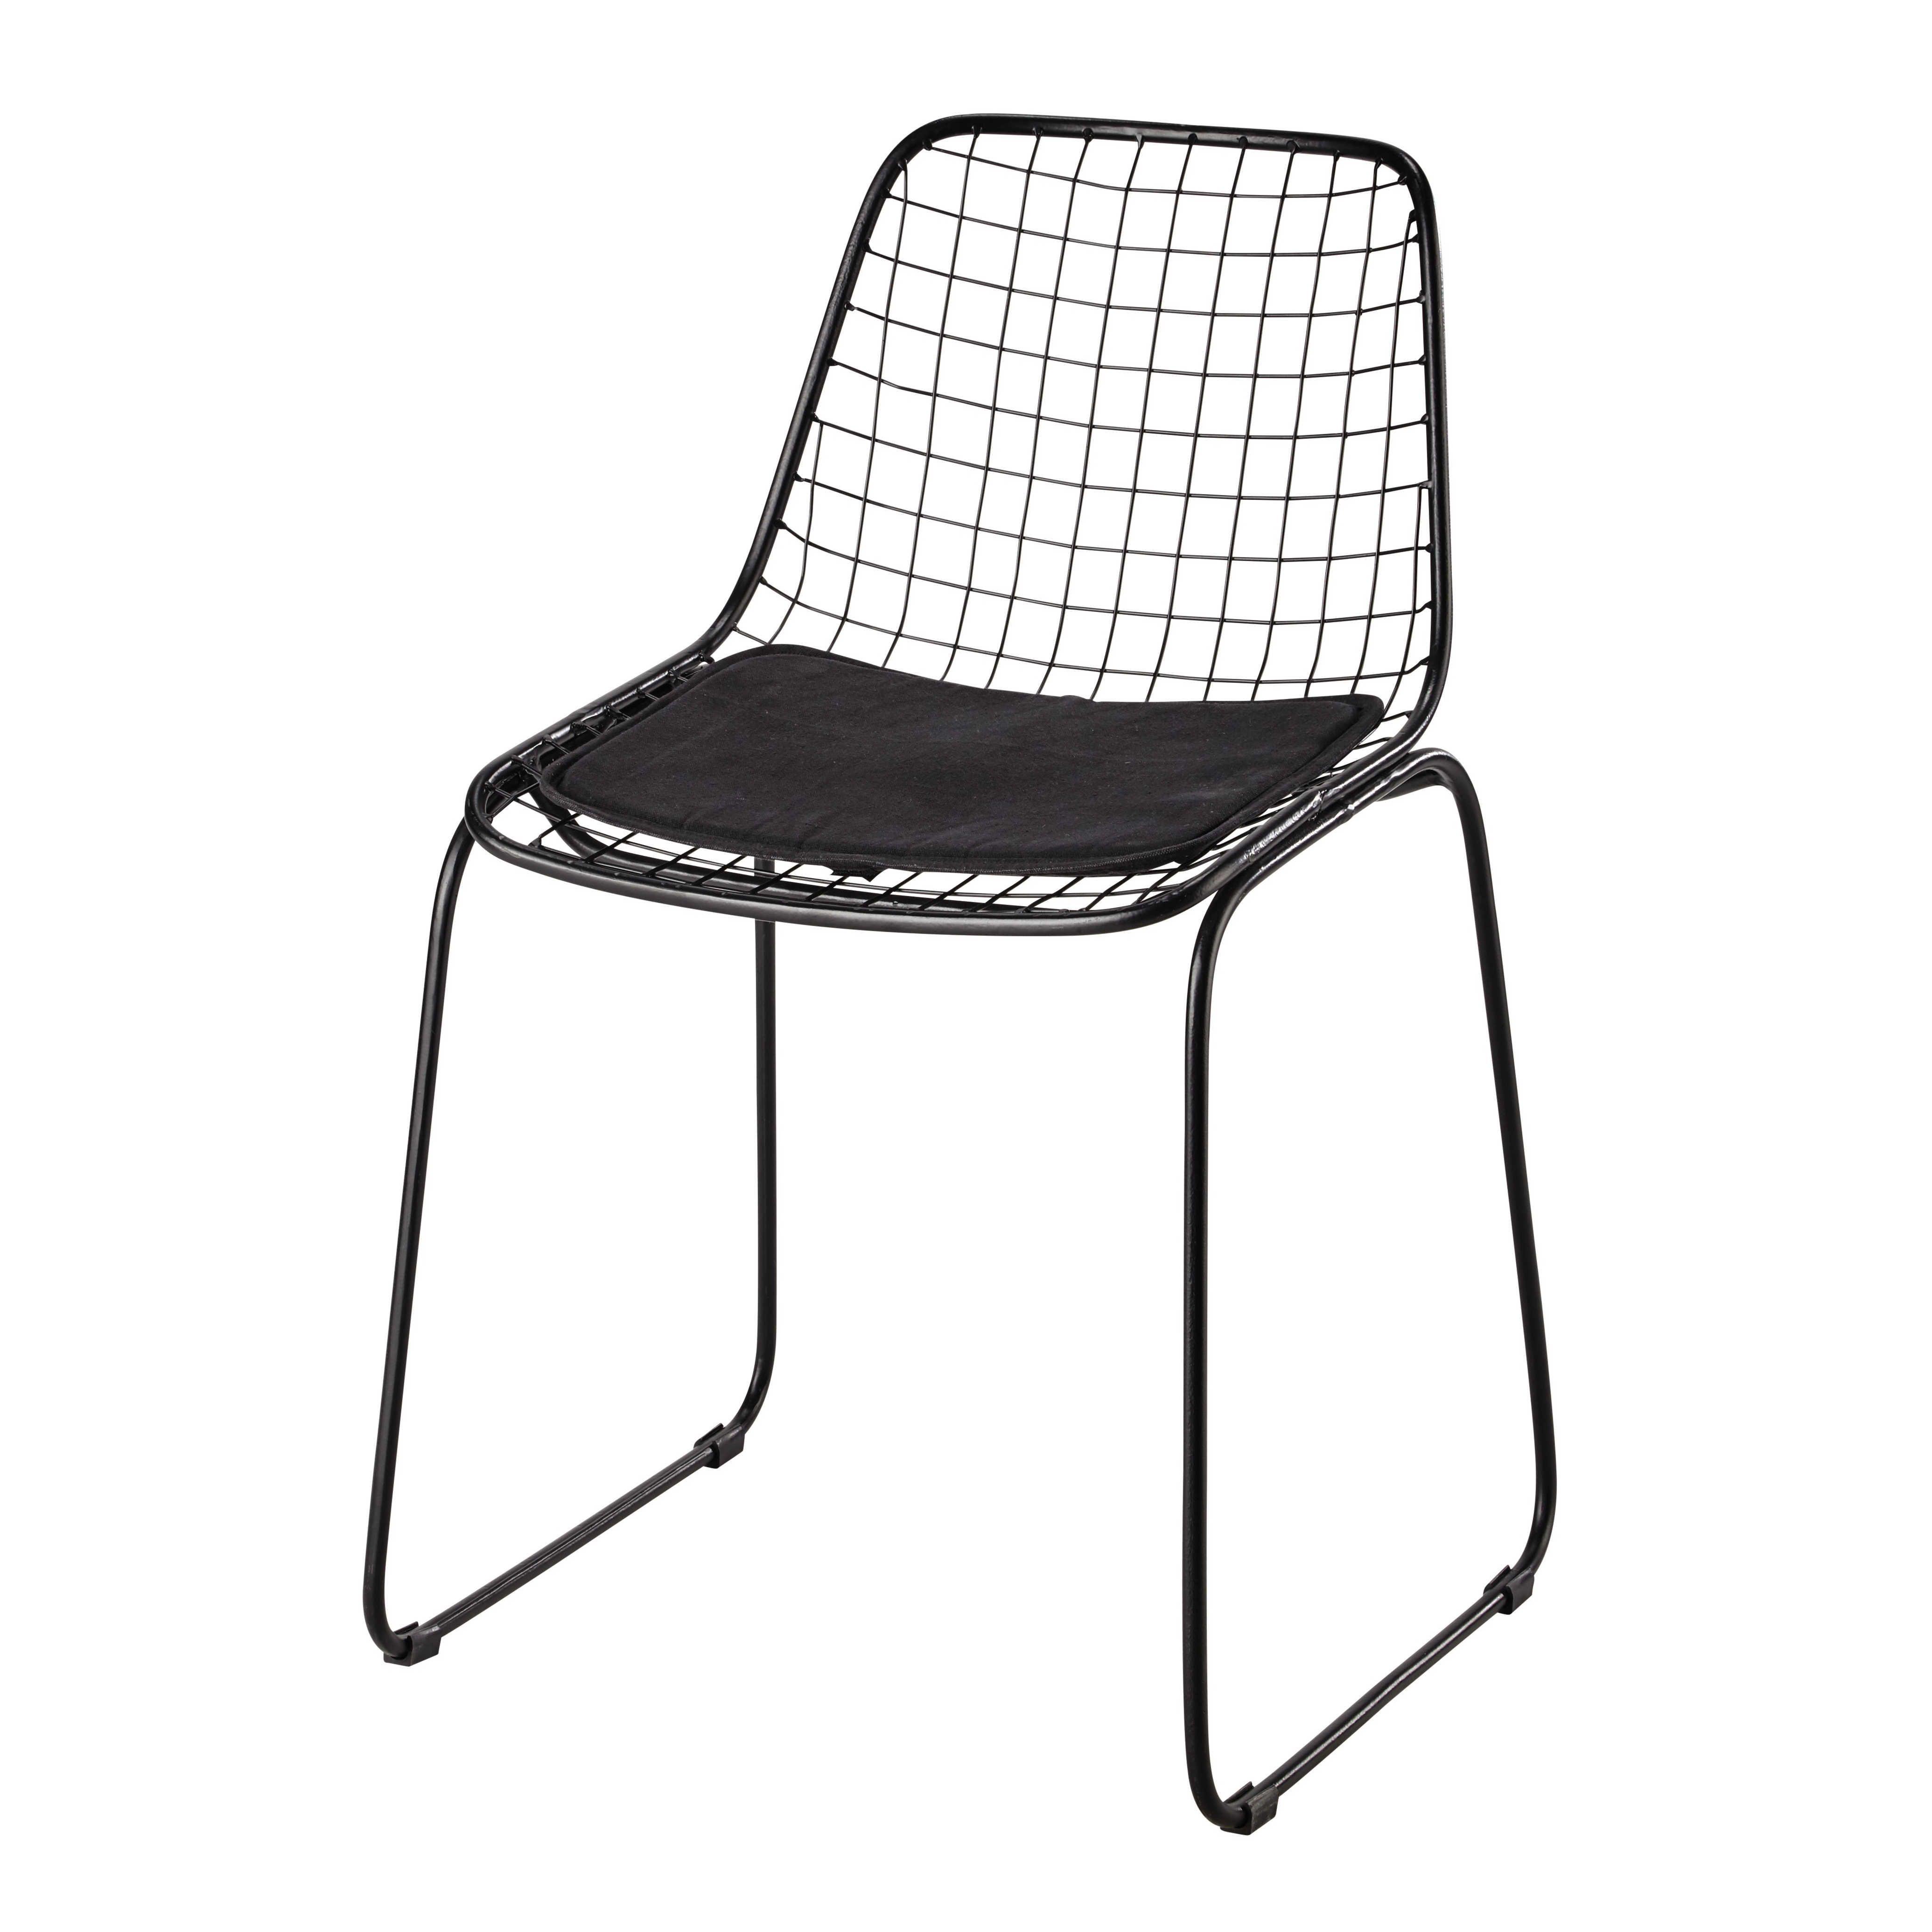 Metalen stoel, zwart Picpus